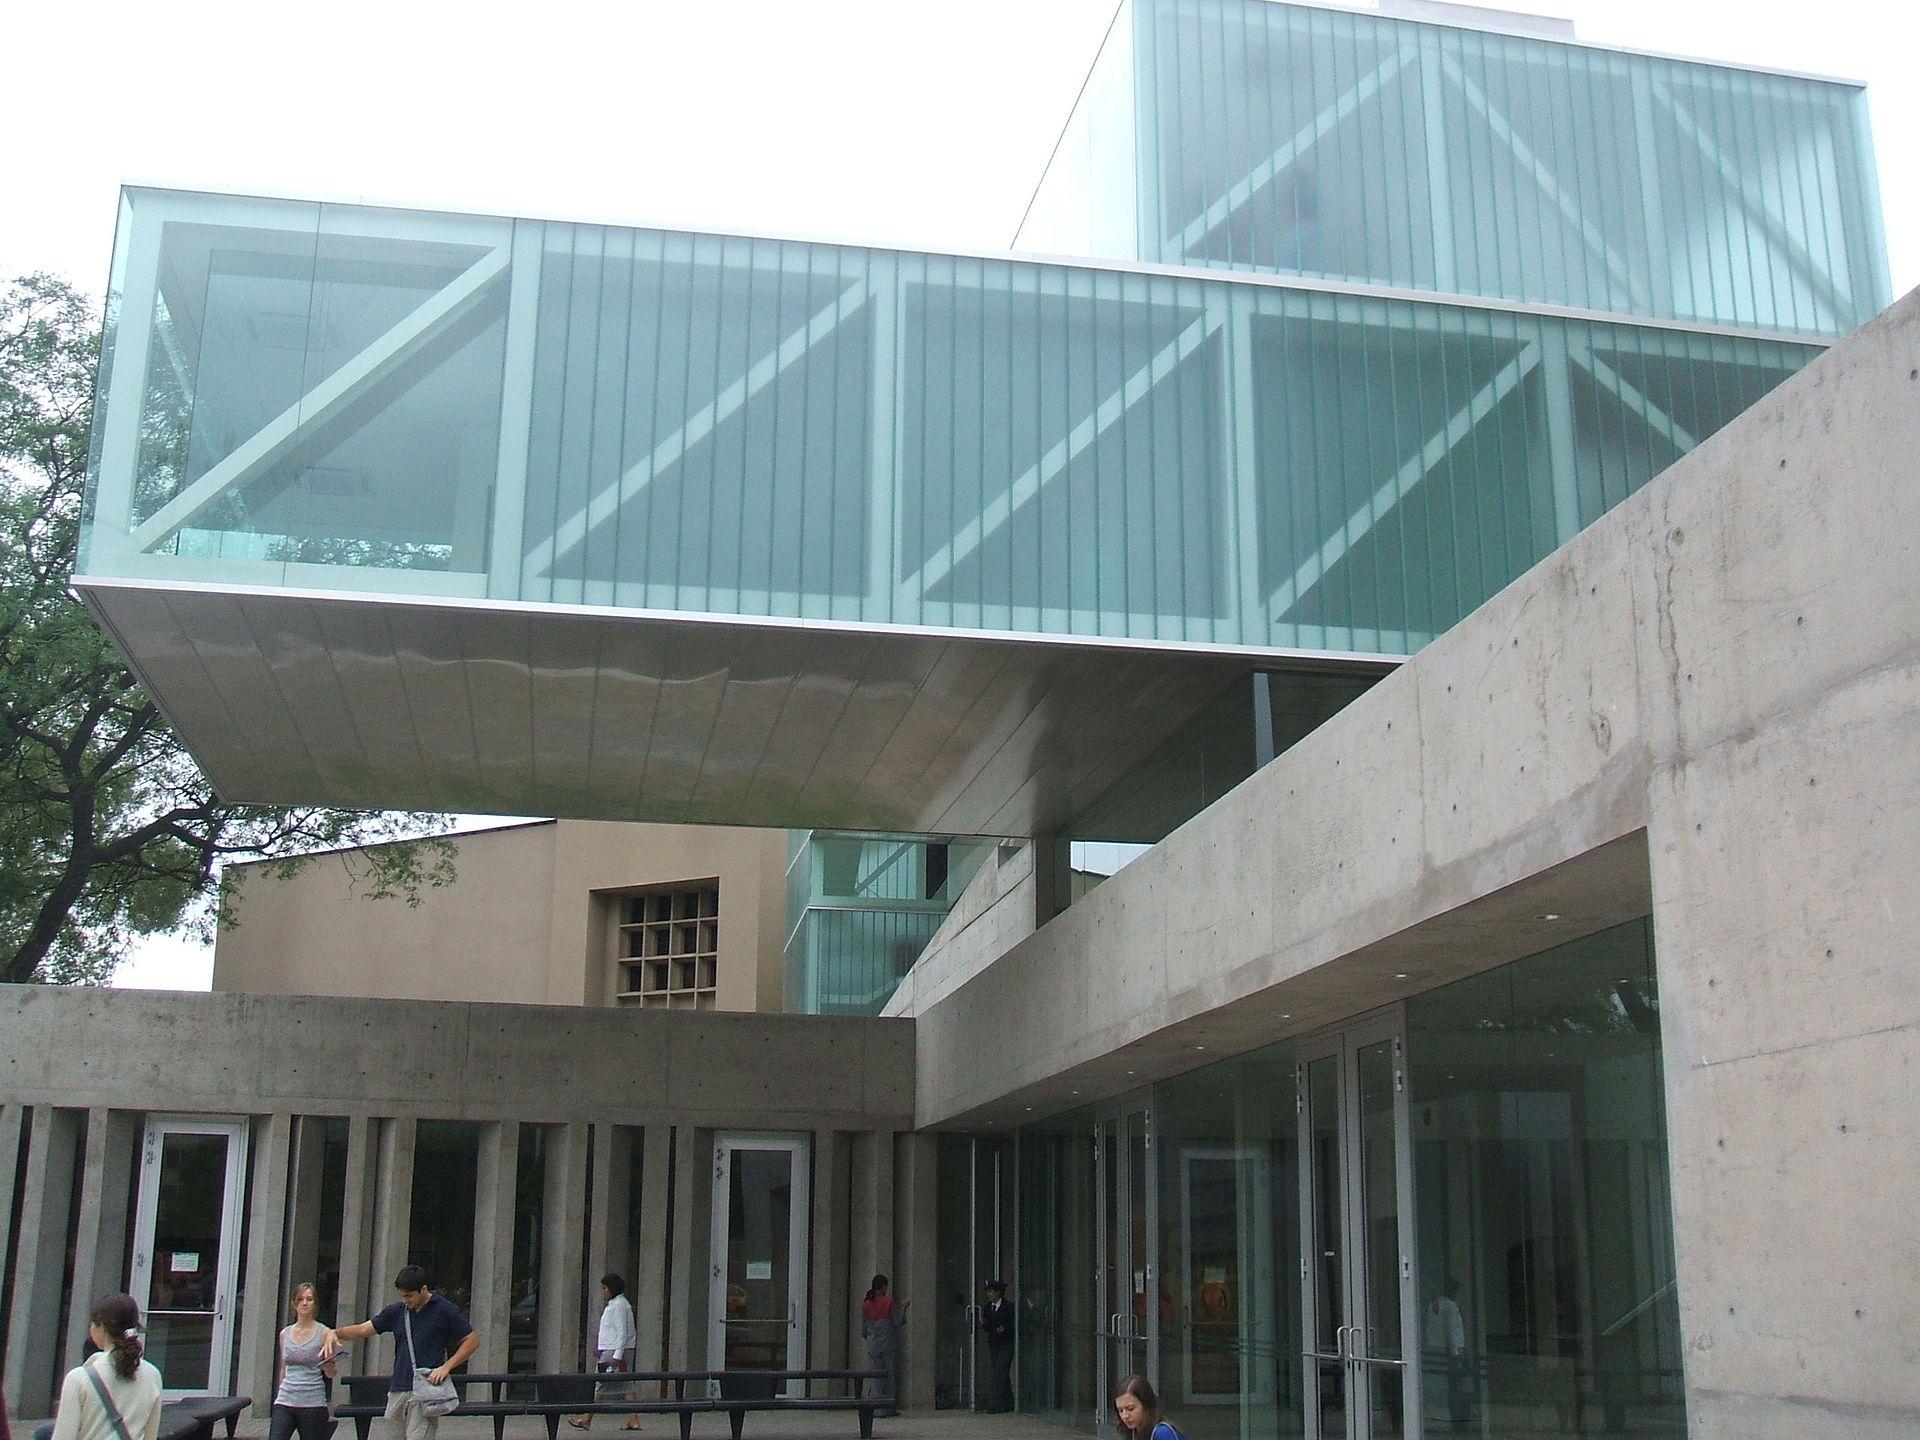 Museo provincial de bellas artes emilio caraffa - Estudios de arquitectura en cordoba ...